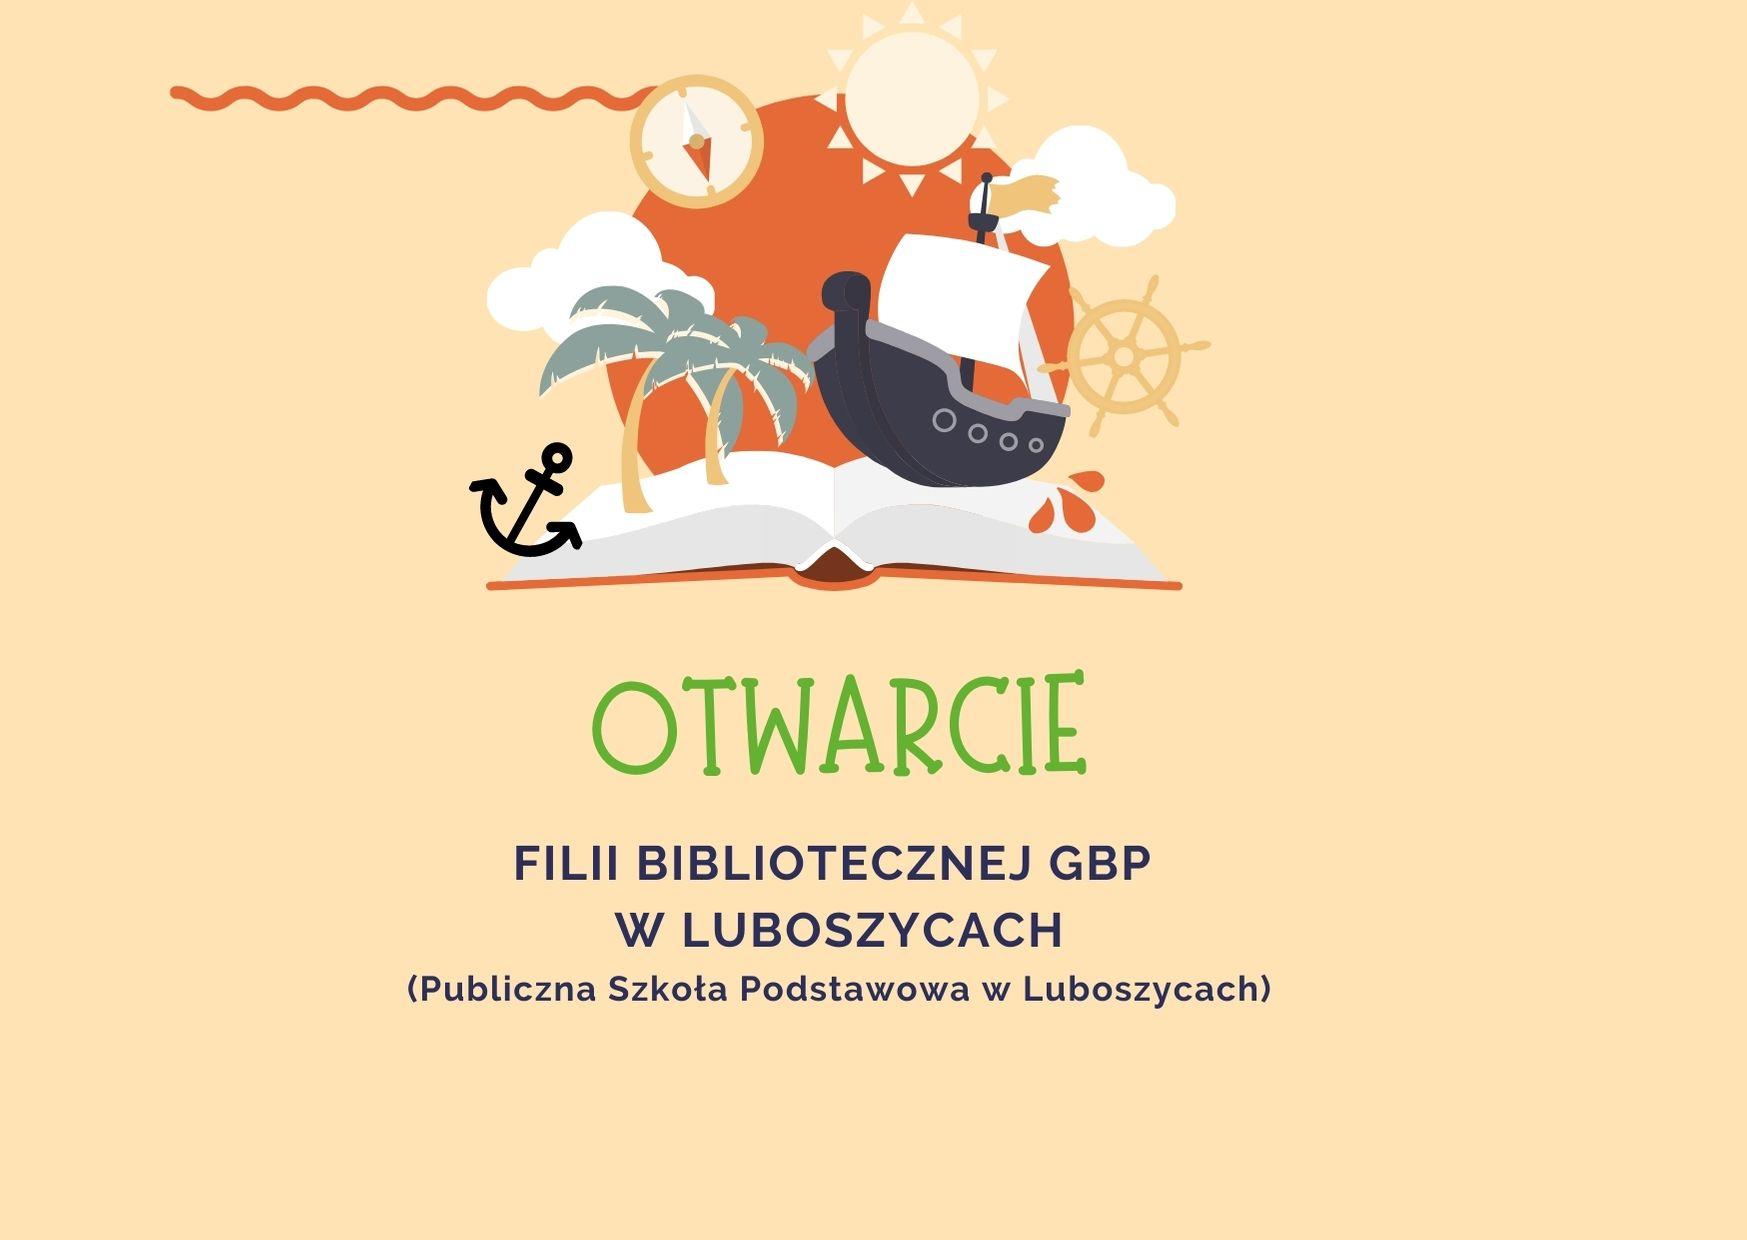 plakat z informacją o otwarciu biblioteki w Luboszycach